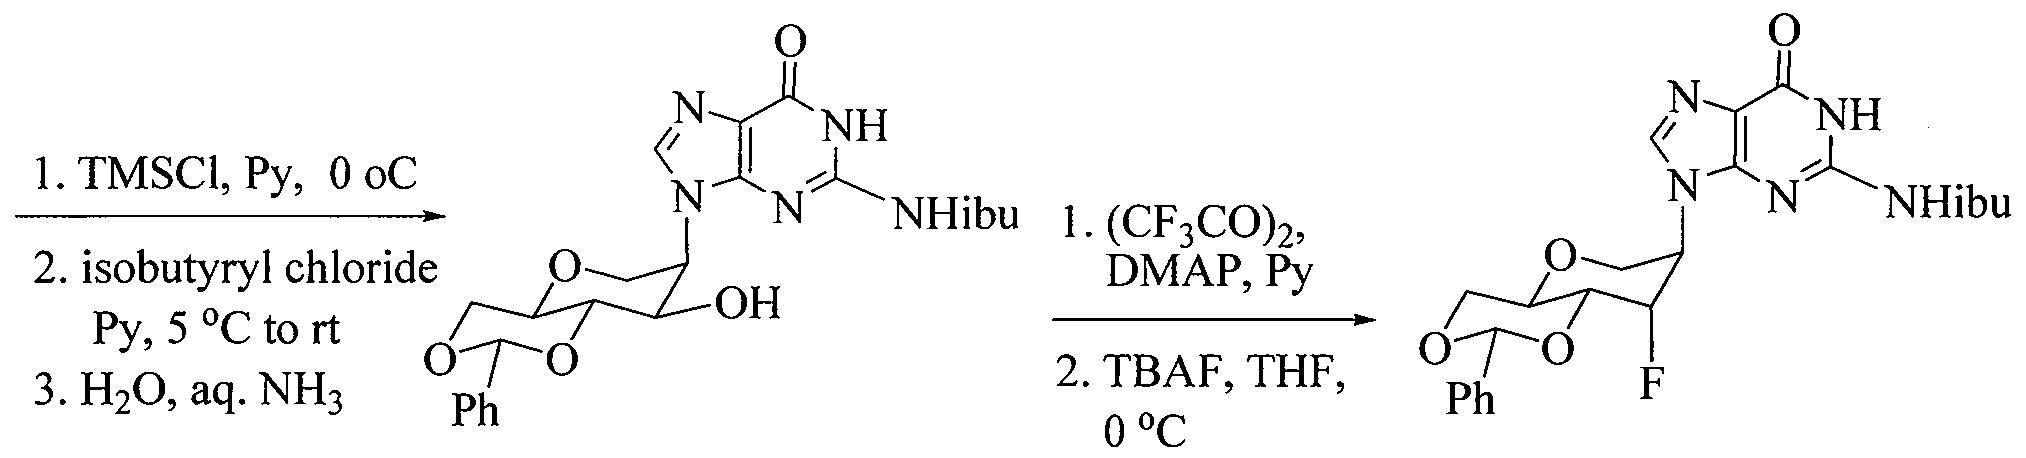 Figure imgf000101_0002